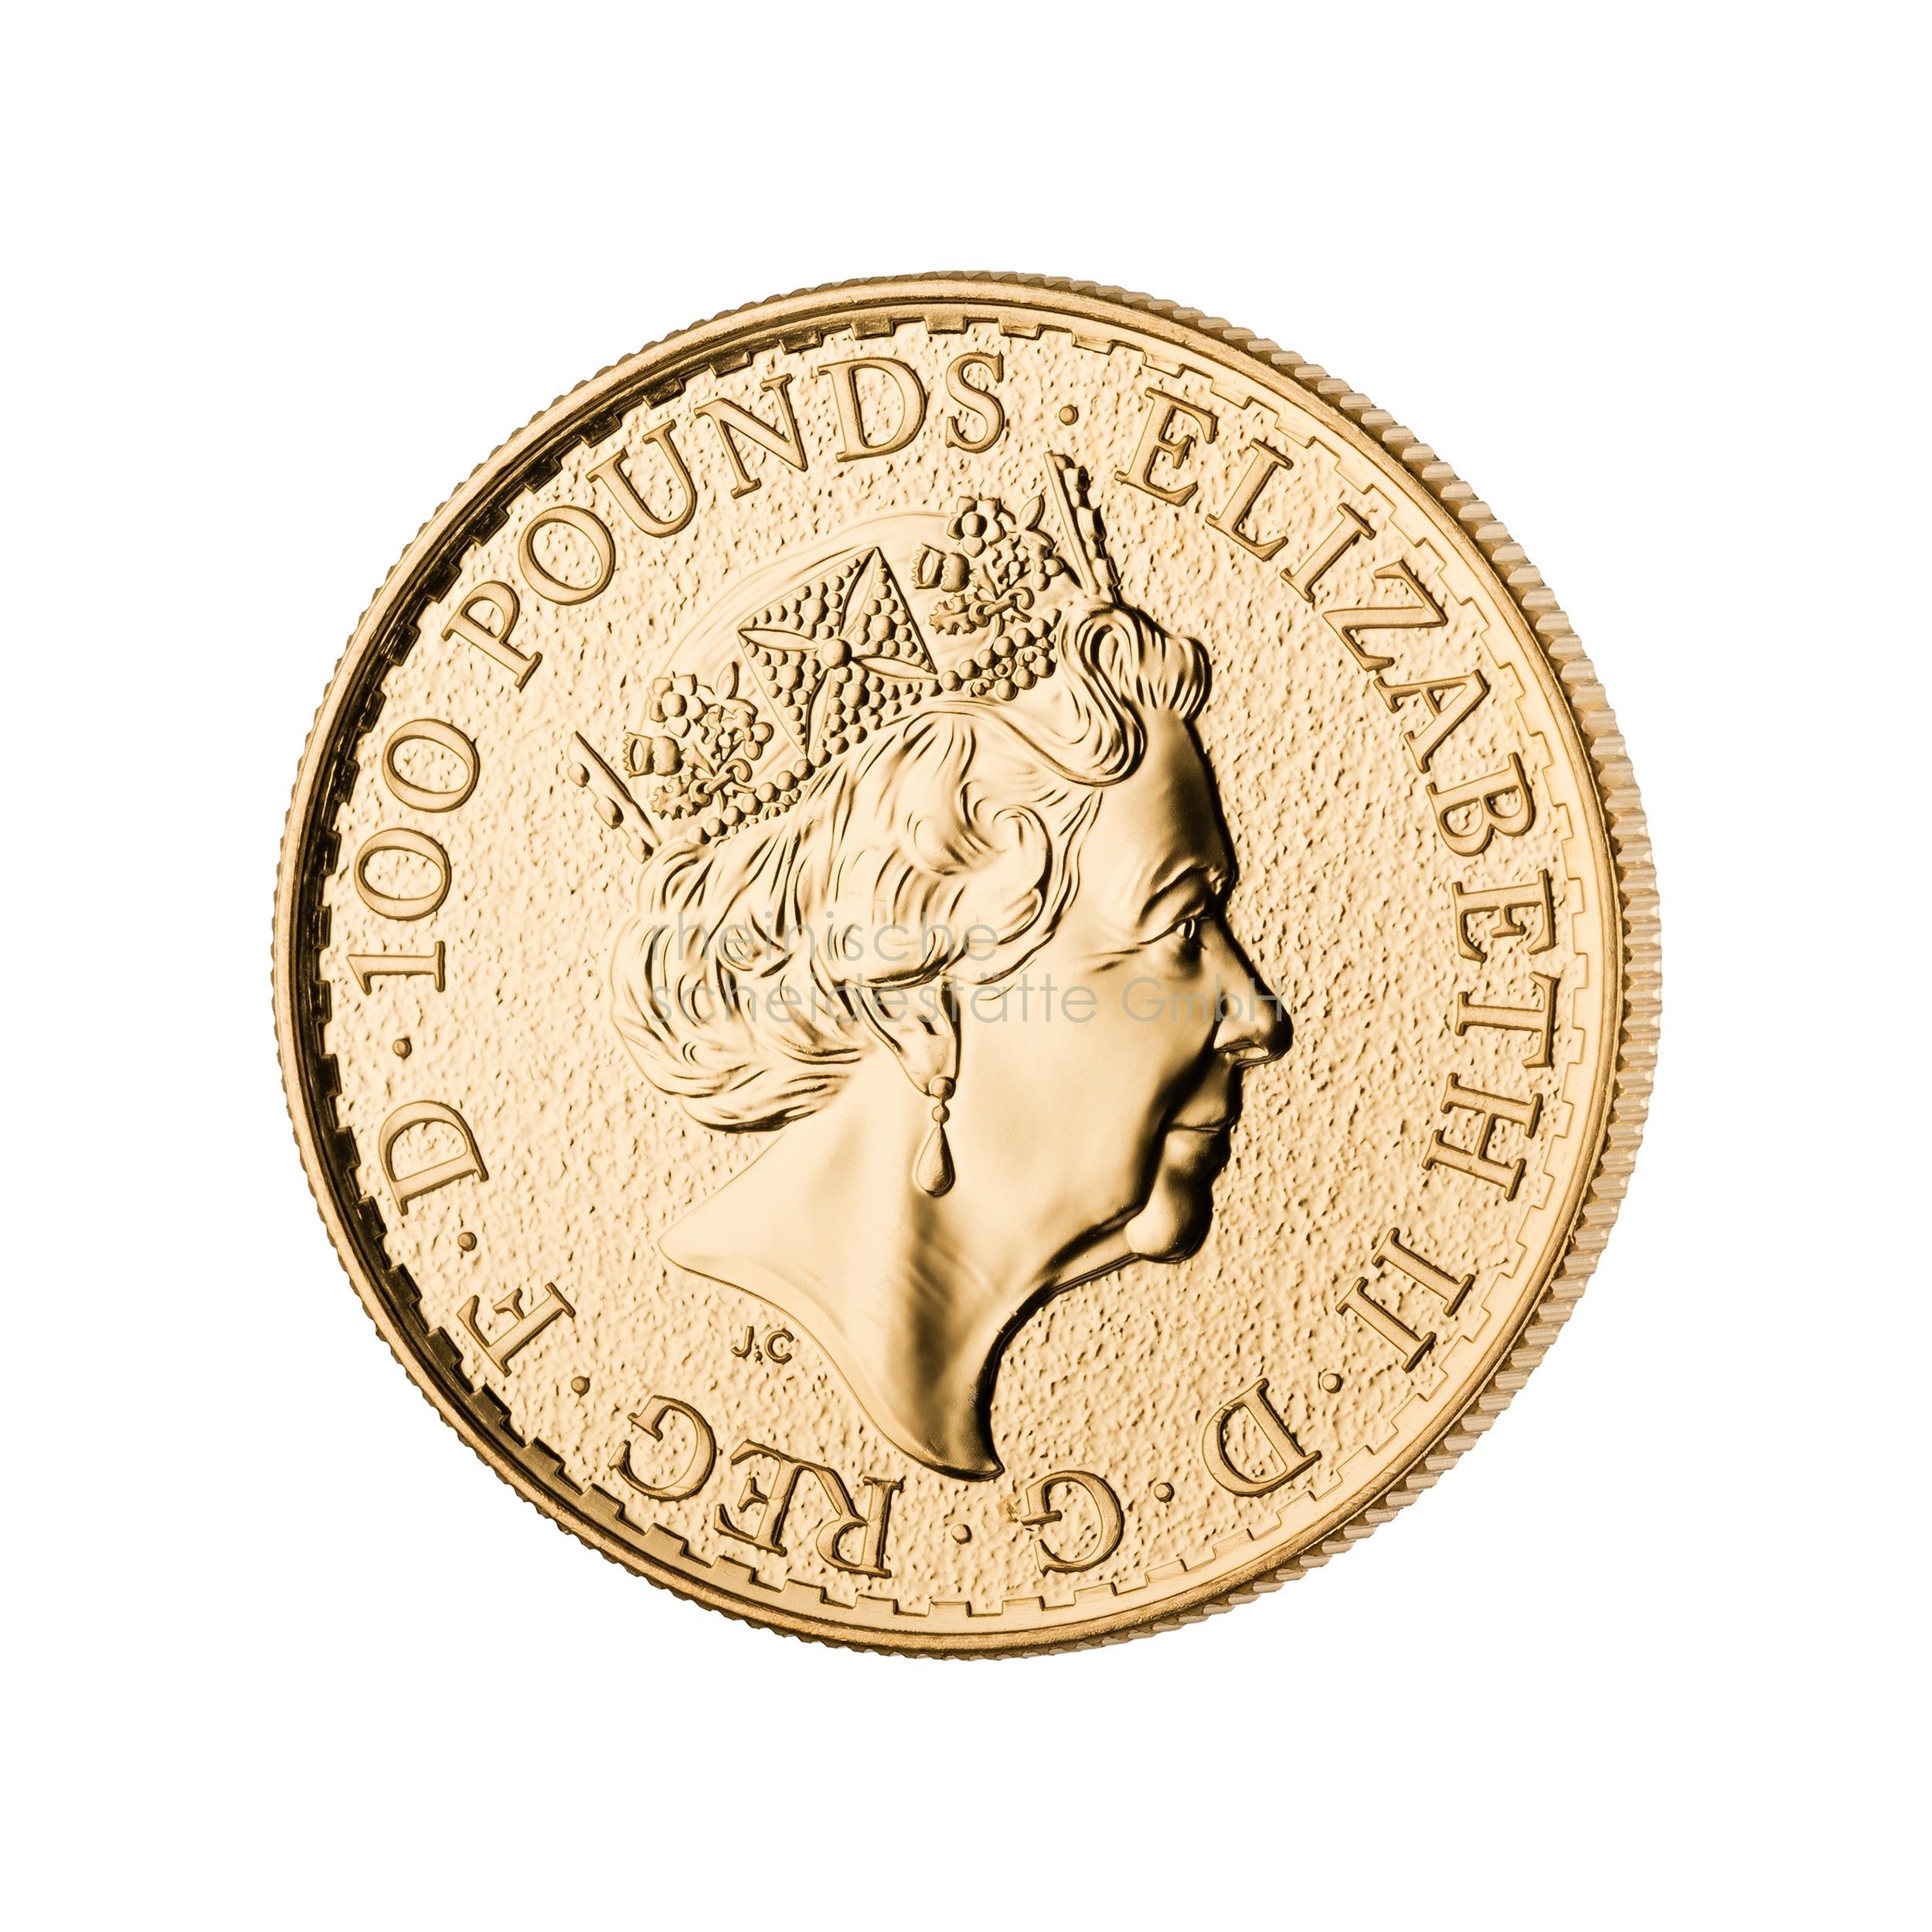 1 Unze Britannia Goldmünze b